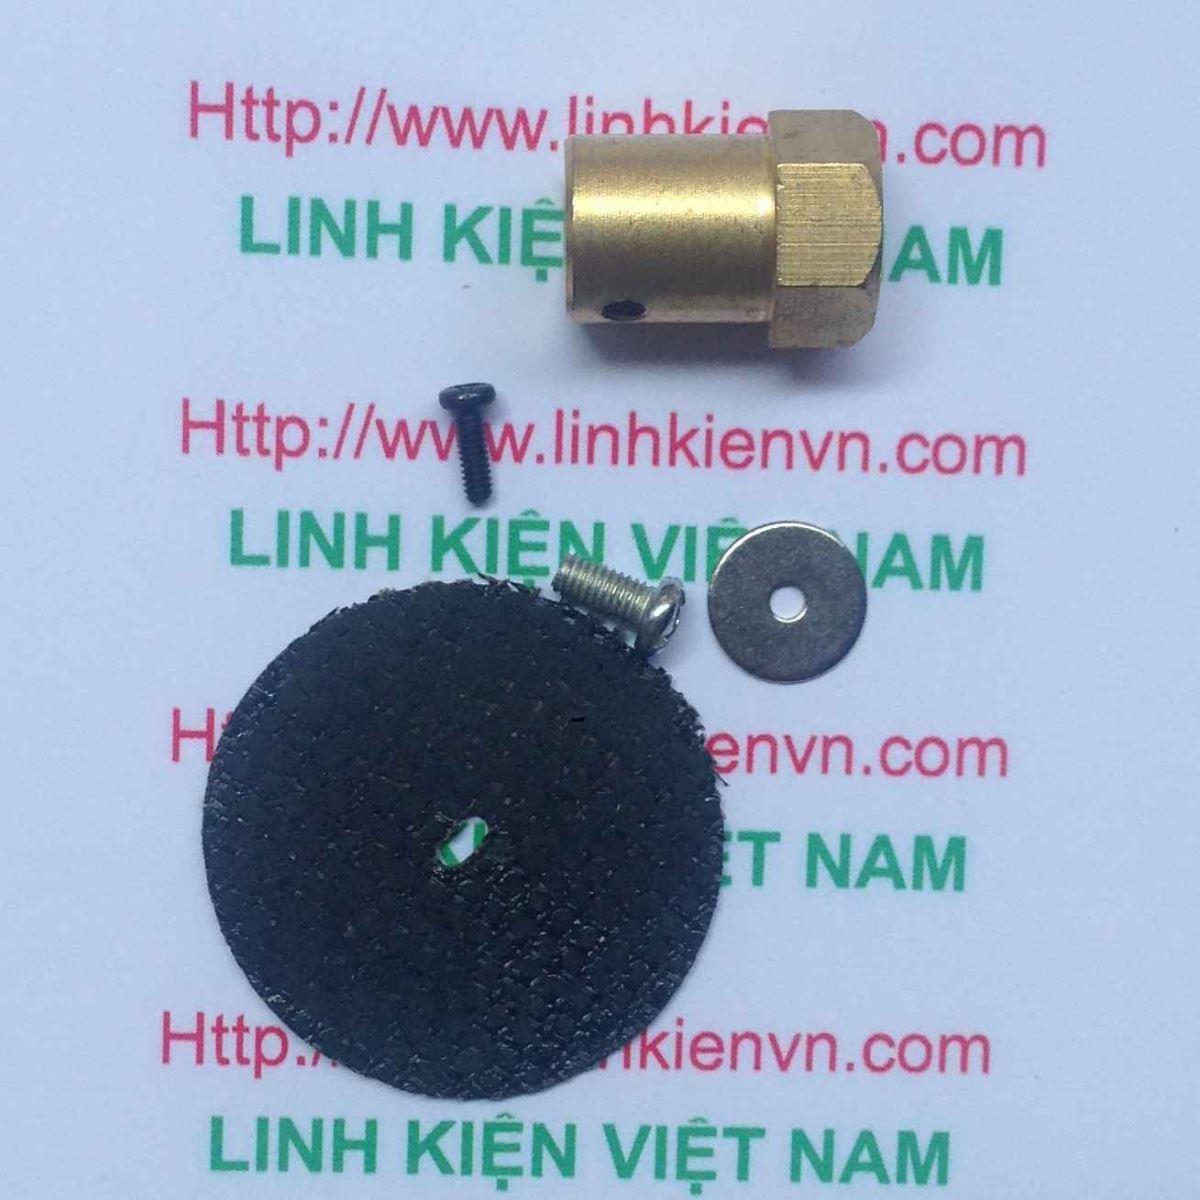 Lưỡi cắt kim loại mini cho động cơ 775 / Lưỡi mài kim loại mini - G8H12